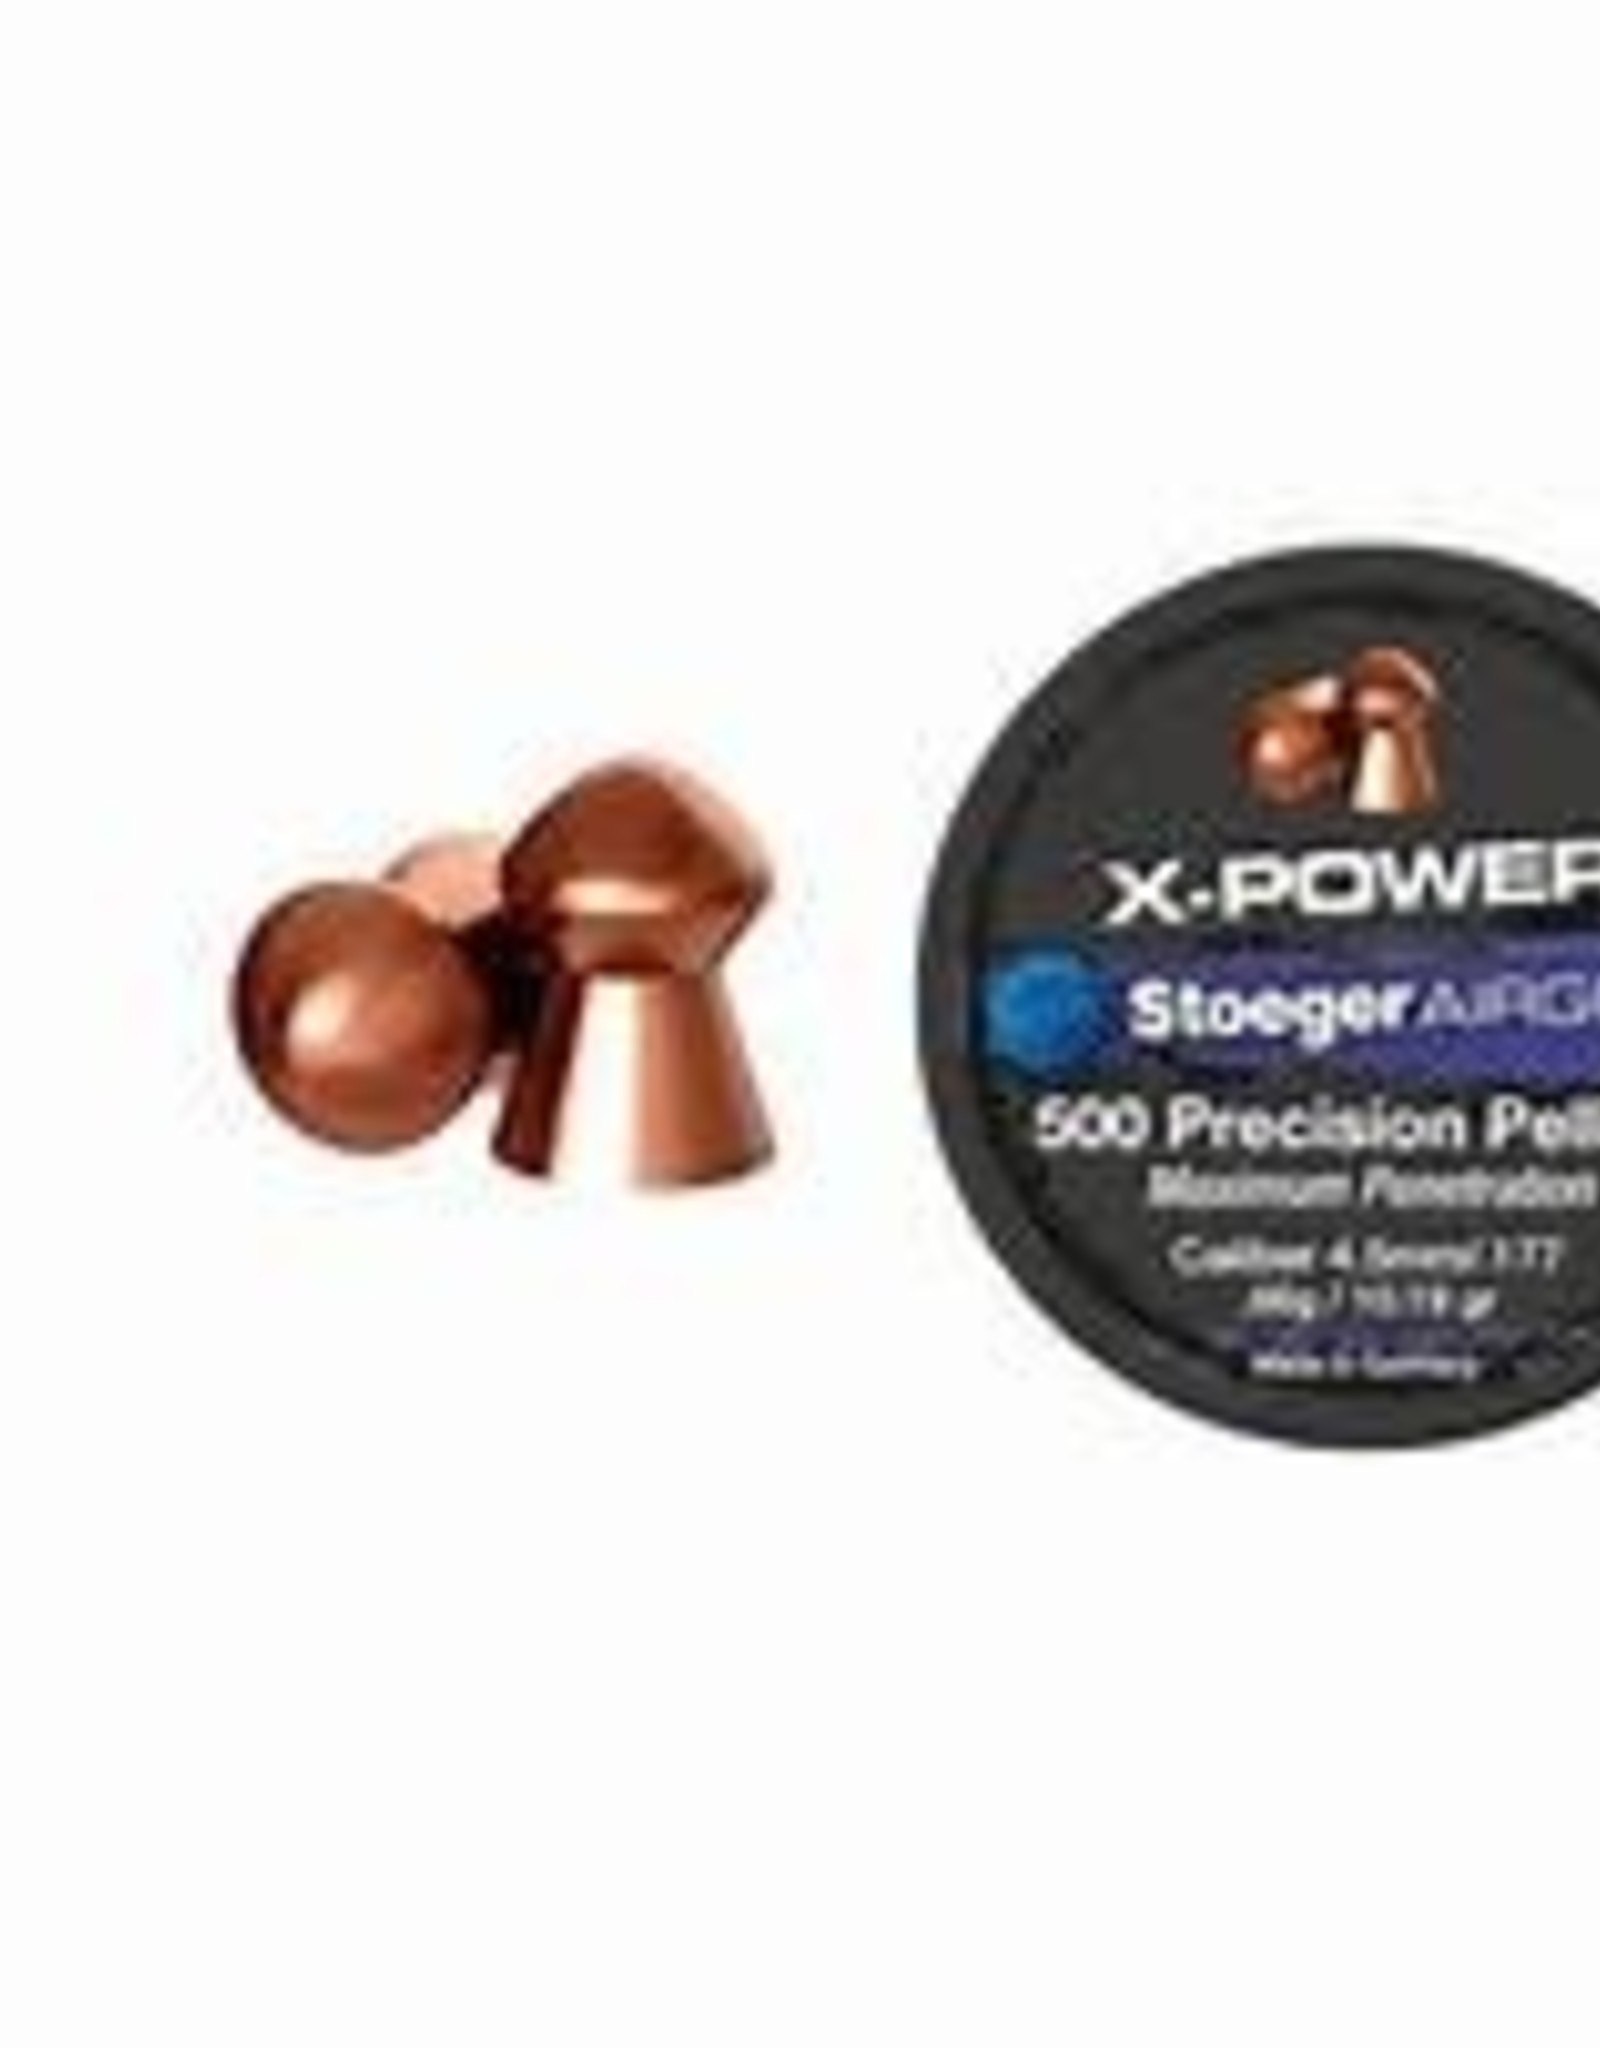 Stoeger Canada 500 Precision .177 Caliber Pellets